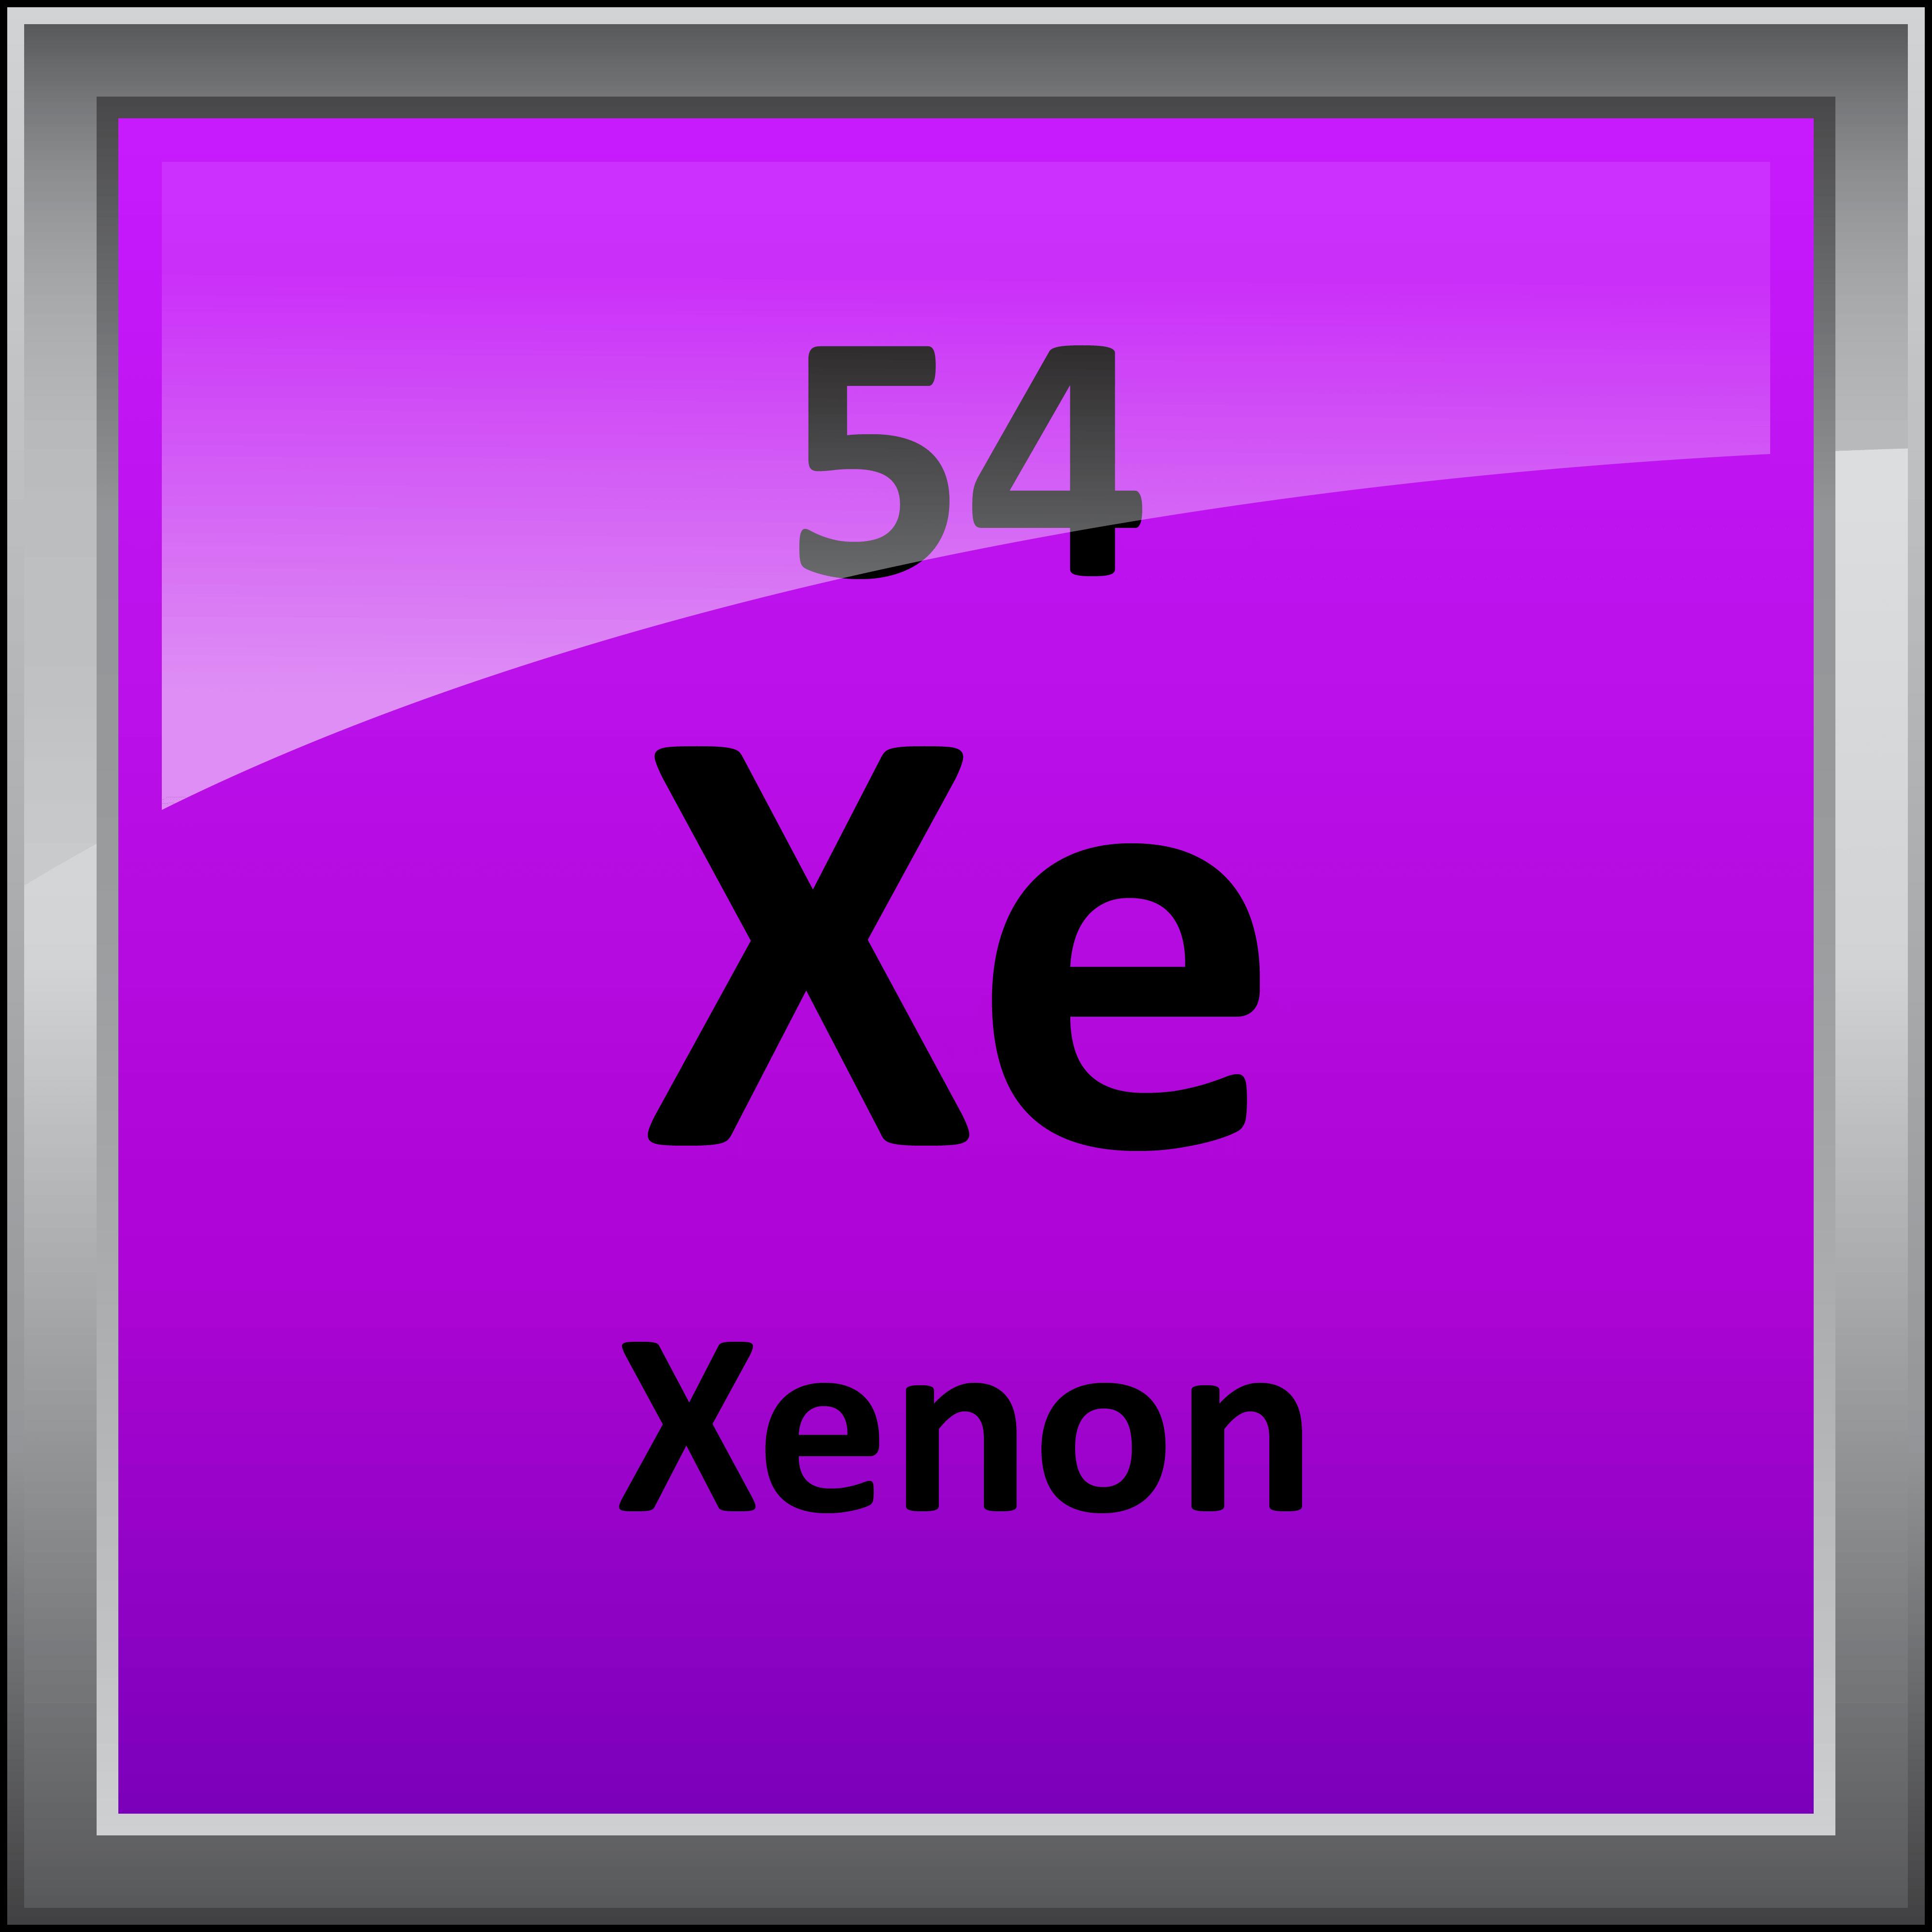 Xenon Periodic Table 054-Xenon - Science No...